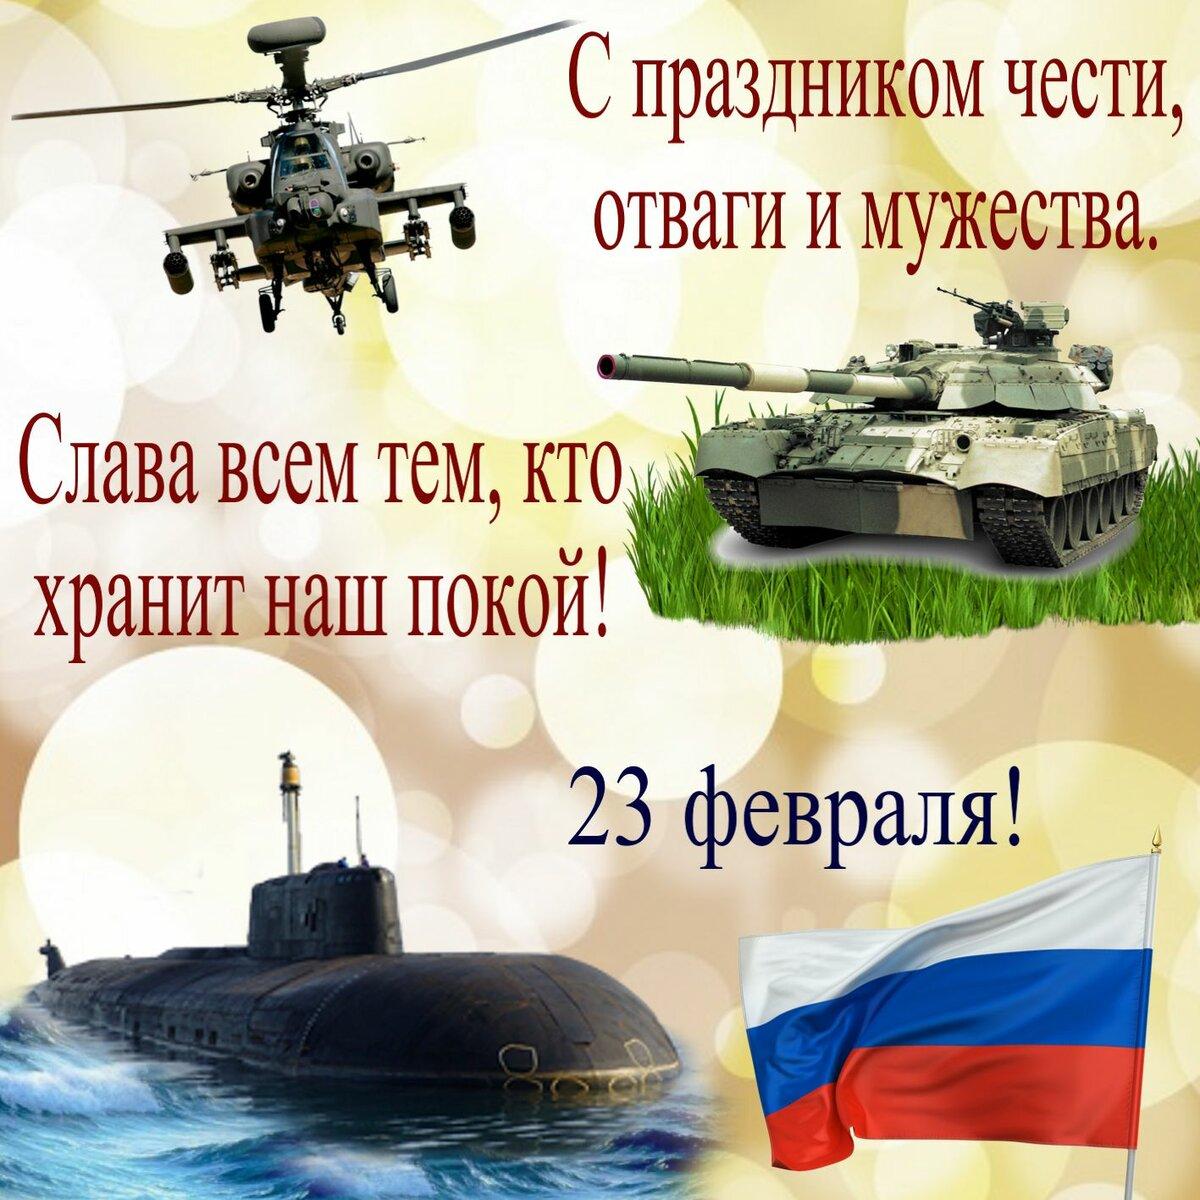 поздравления с 23 февраля для мужчины военного